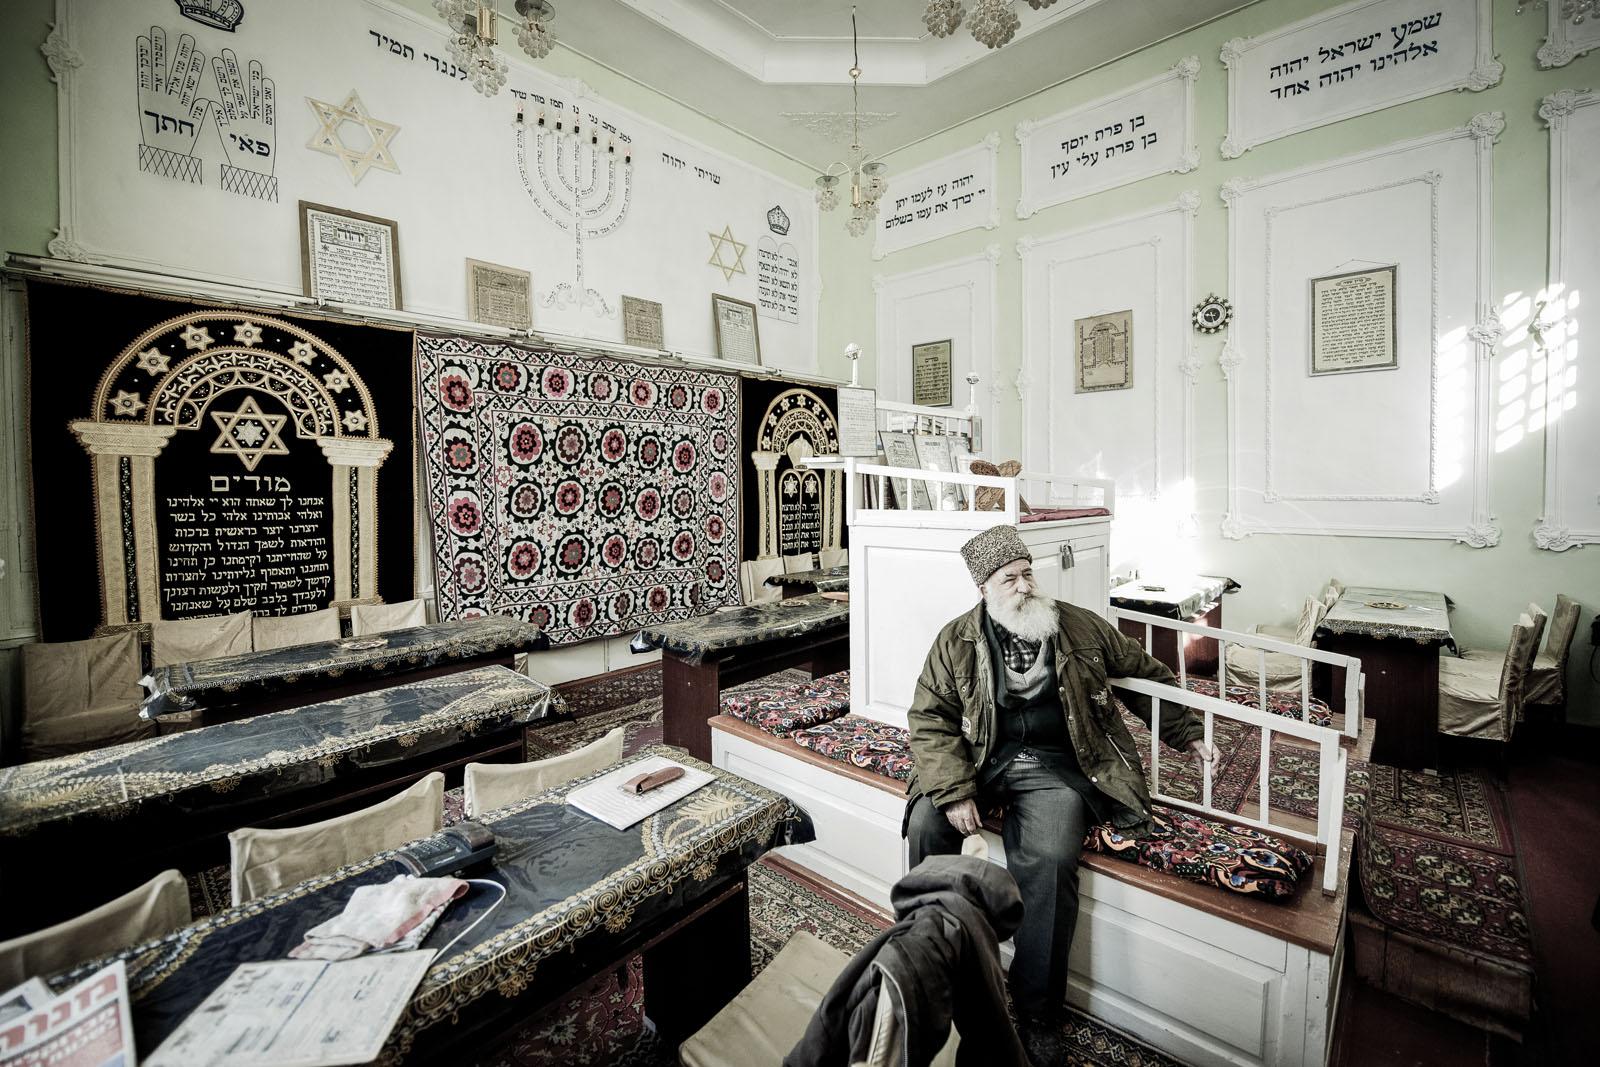 El rabino Araón Sianov en la Sinagoga de Bujará. La presencia de judíos en Bujará se remonta a la época del Ciro El Grande (559 a 529 a.C.) durante su conquista de Babilonia (Mesopotamia, Siria y Palestina), donde había ya comunidades judías. Estas comunidades se dispersaron por todo el Imperio Persa y llegaron a Bujará durante las conquistas de Ciro en Asia Central. La comunidad judía de Bujará se destacó en el comercio, siendo esta ciudad un importante cruce de la Ruta de la Seda. Formaron una poderosa comunidad que sólo declinaría con el descubrimiento de América y el desarrollo de la navegación marítima, factores que transformarían el comercio internacional de la época. A finales del siglo XIX y principios del XX, oleadas de judíos emigraron de Bujará a Palestina y a Estados Unidos, la primera en respuesta al proyecto sionista y la segunda por la opresión de los soviéticos. Hoy en día permanecen en Bujará apenas unos 300 judíos. Foto © Ezequiel Scagnetti.